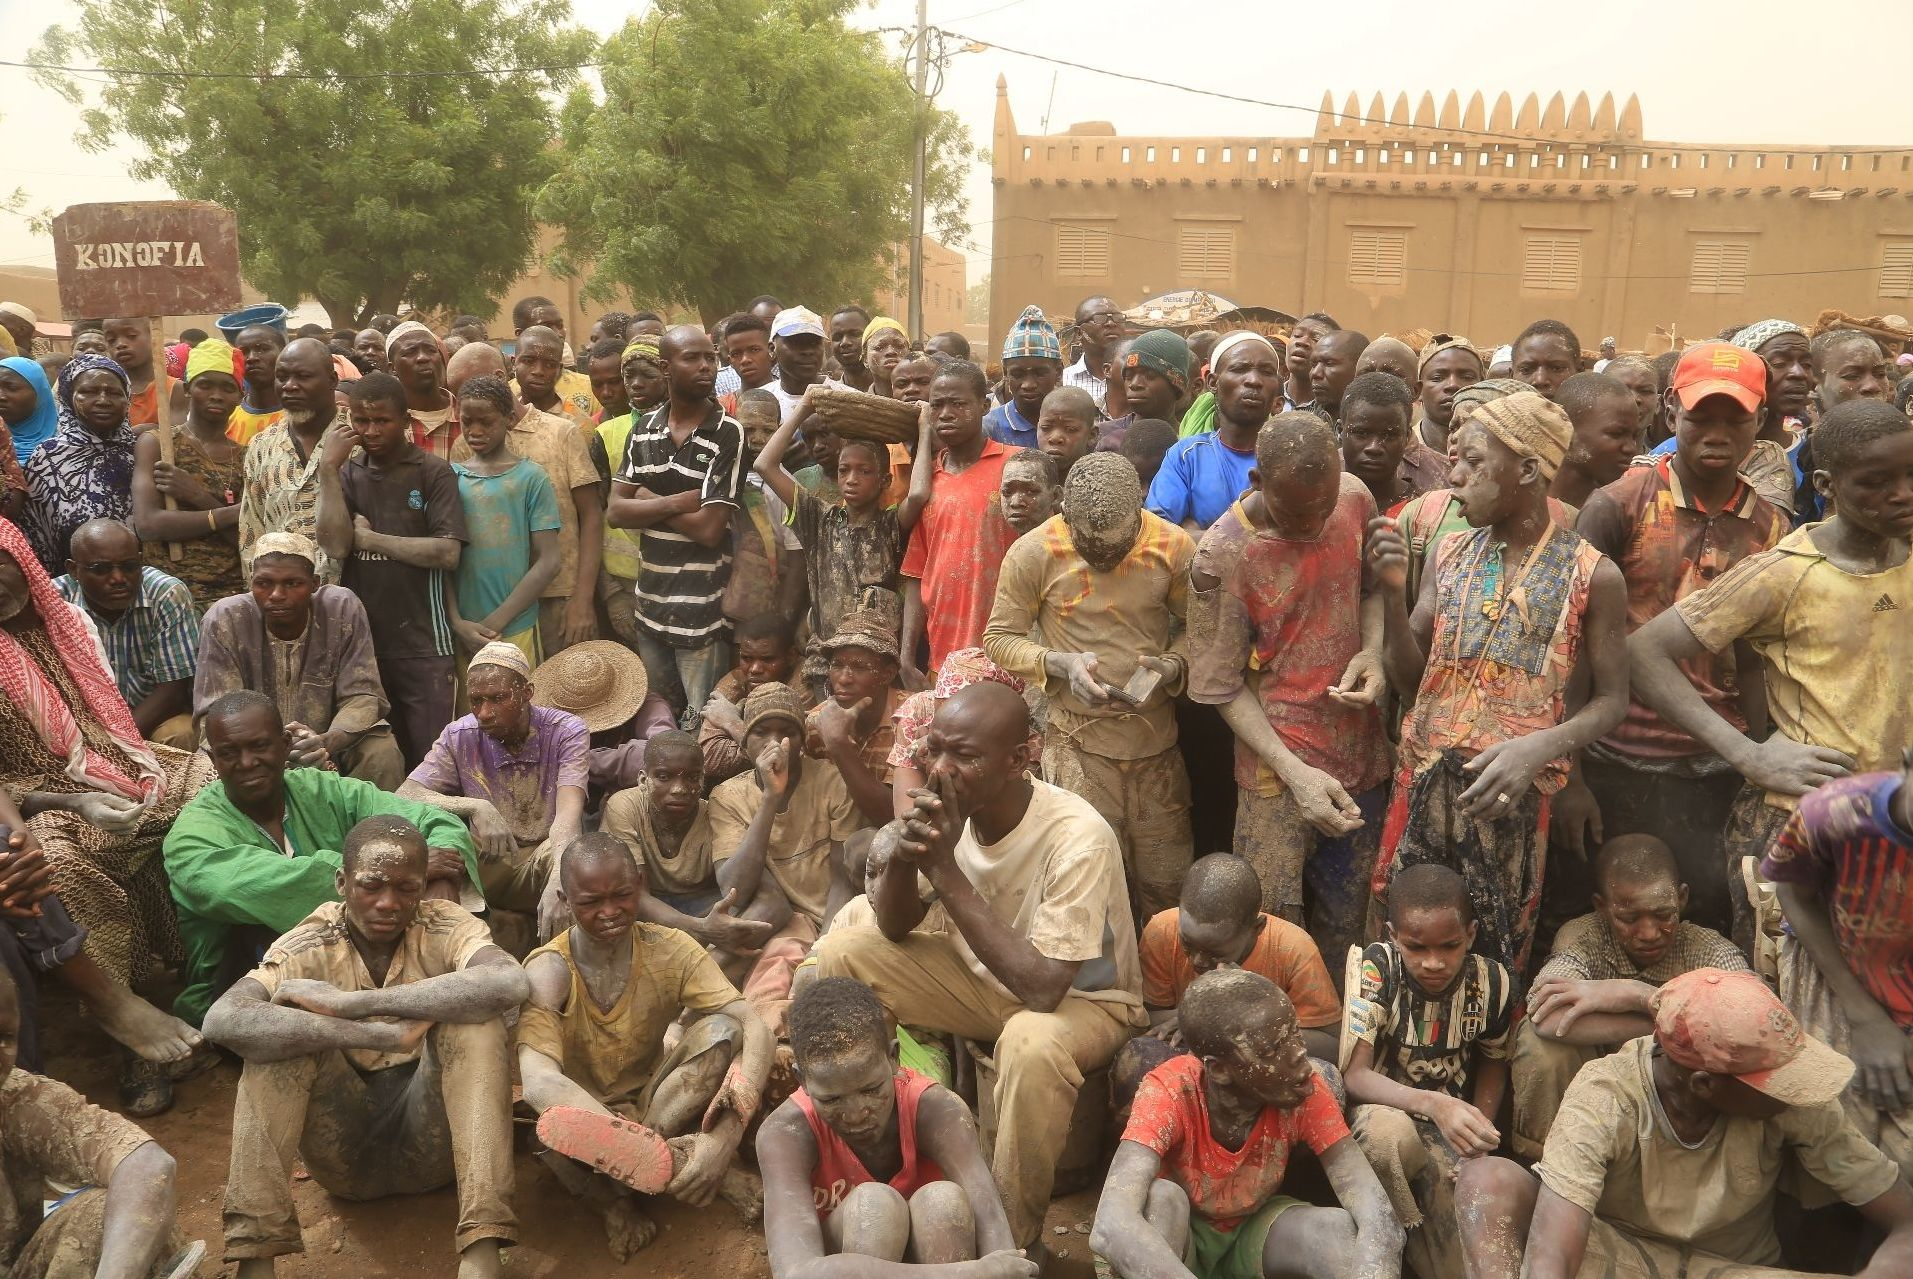 Des habitants de Djenné, au Mali, après le crépissage de leur mosquée, le 28 avril 2019.